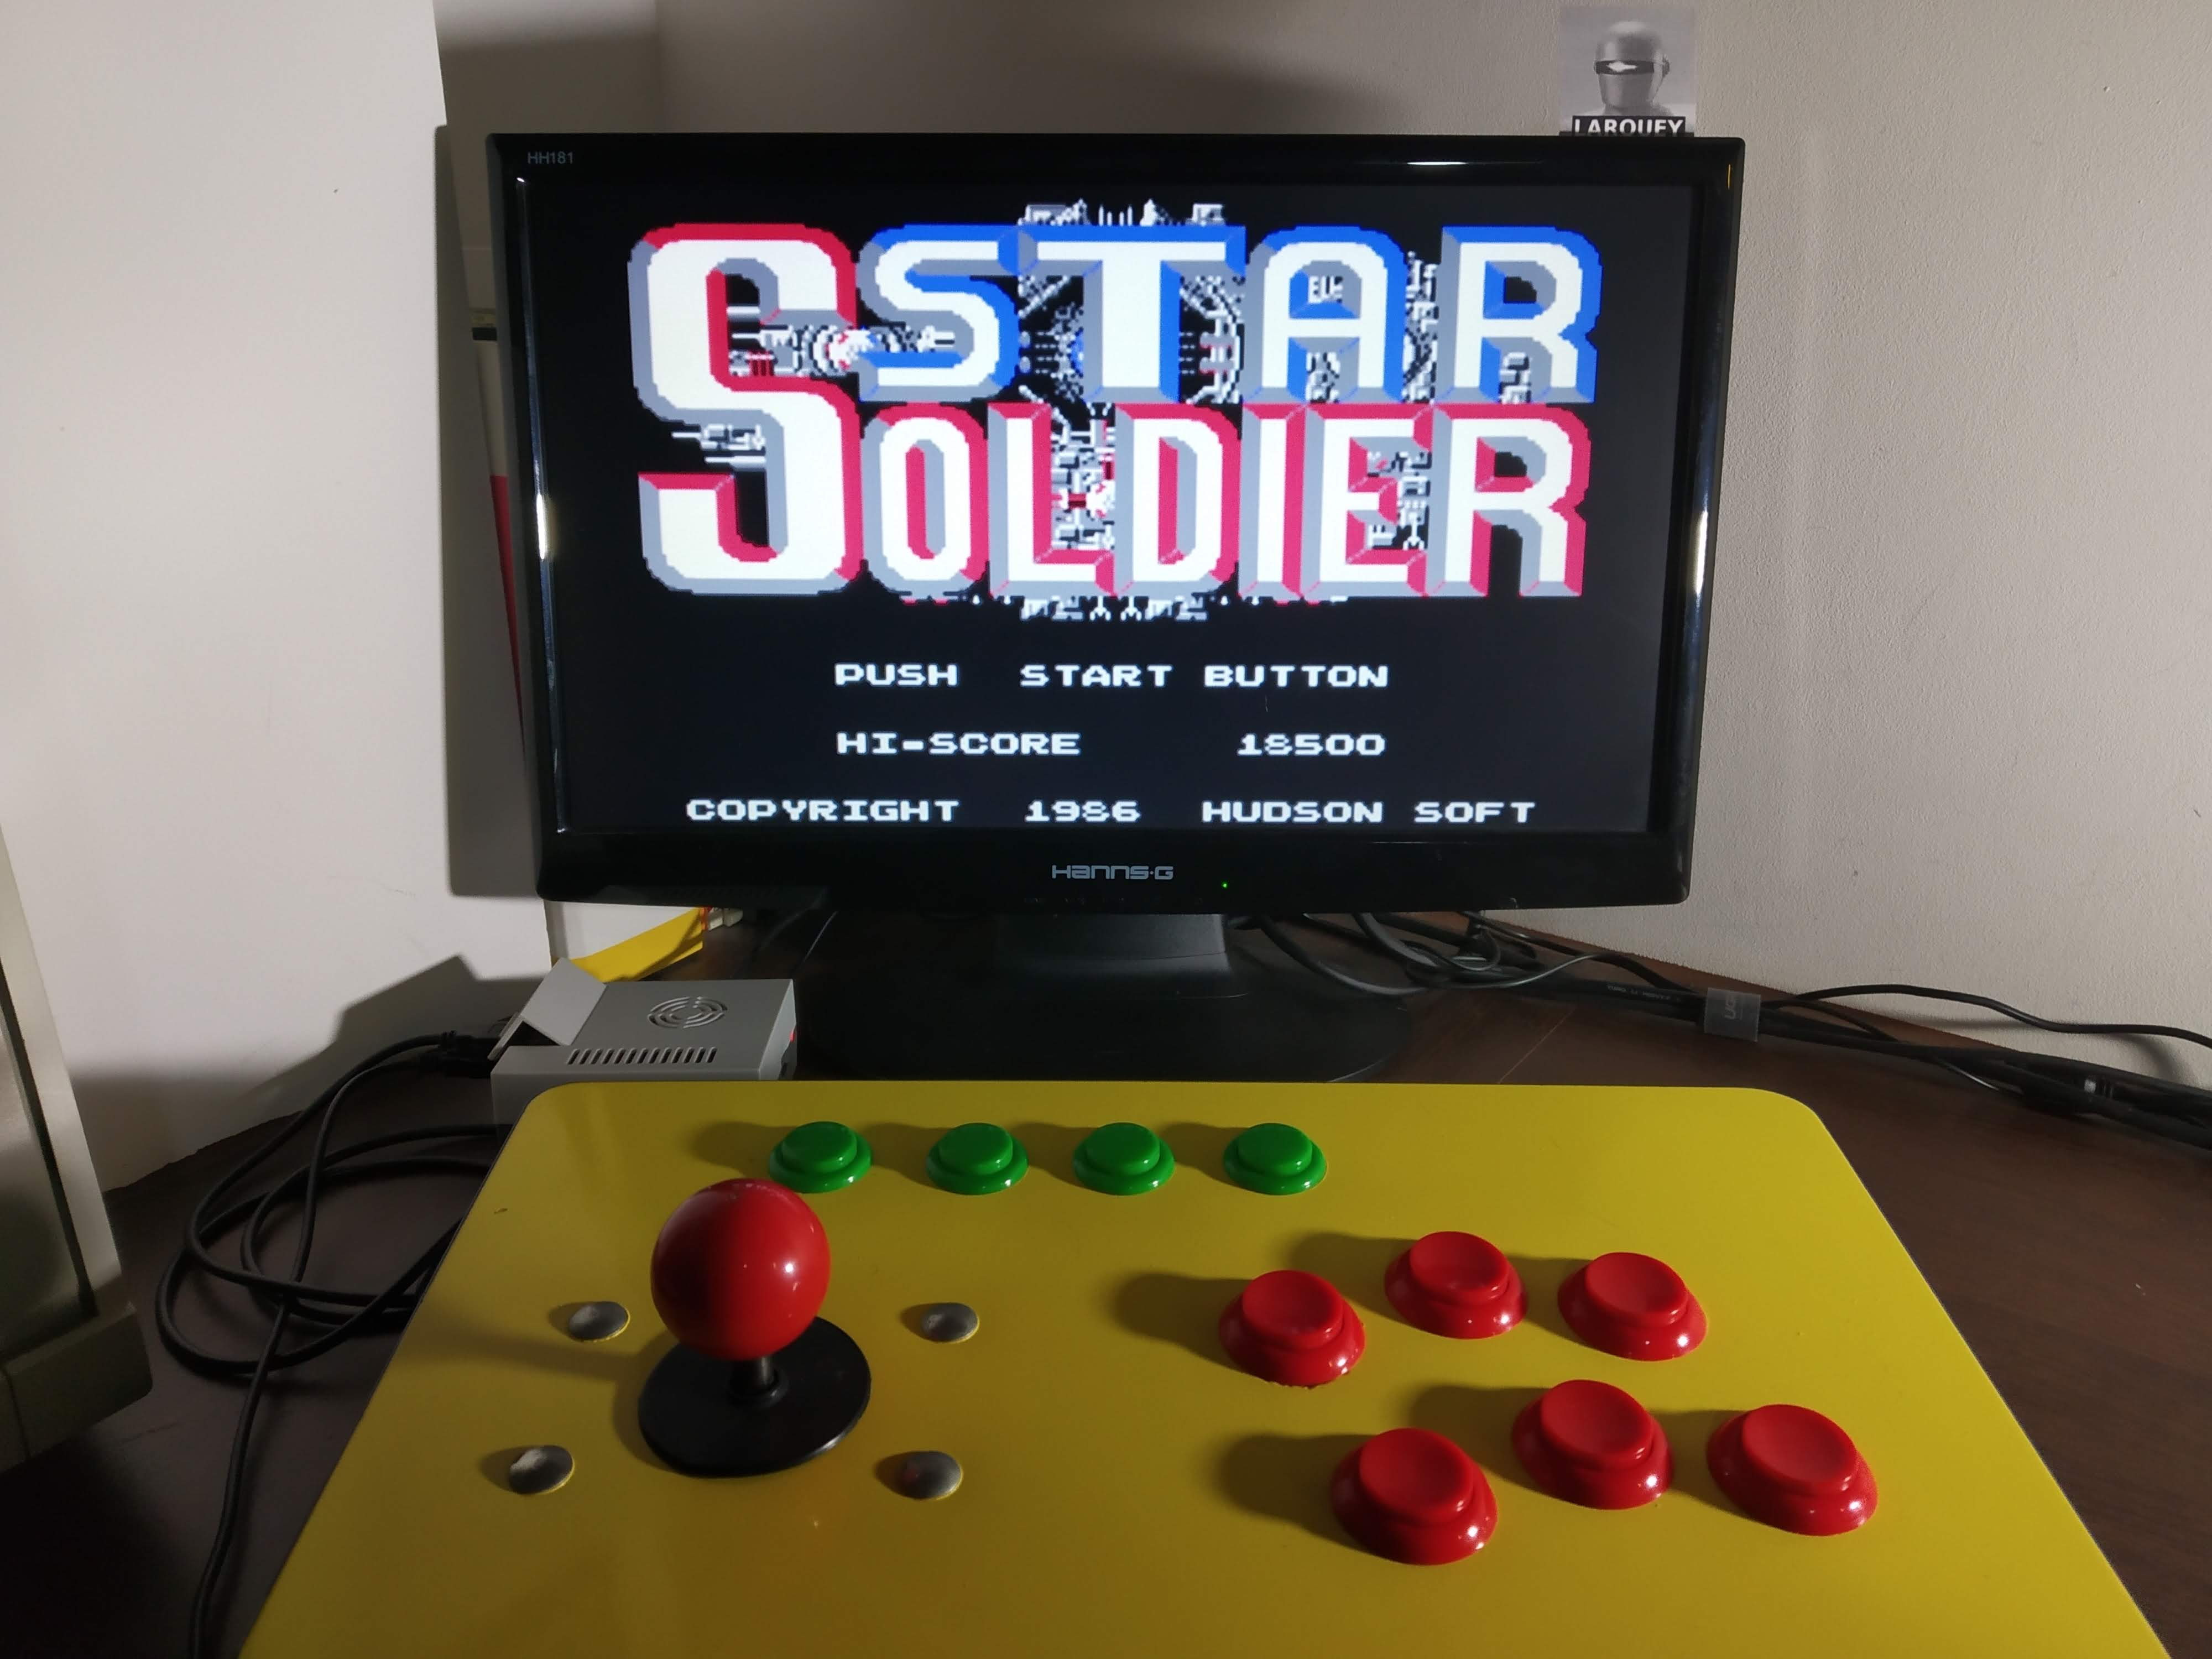 Famicom Mini Vol. 10: Star Soldier 18,500 points